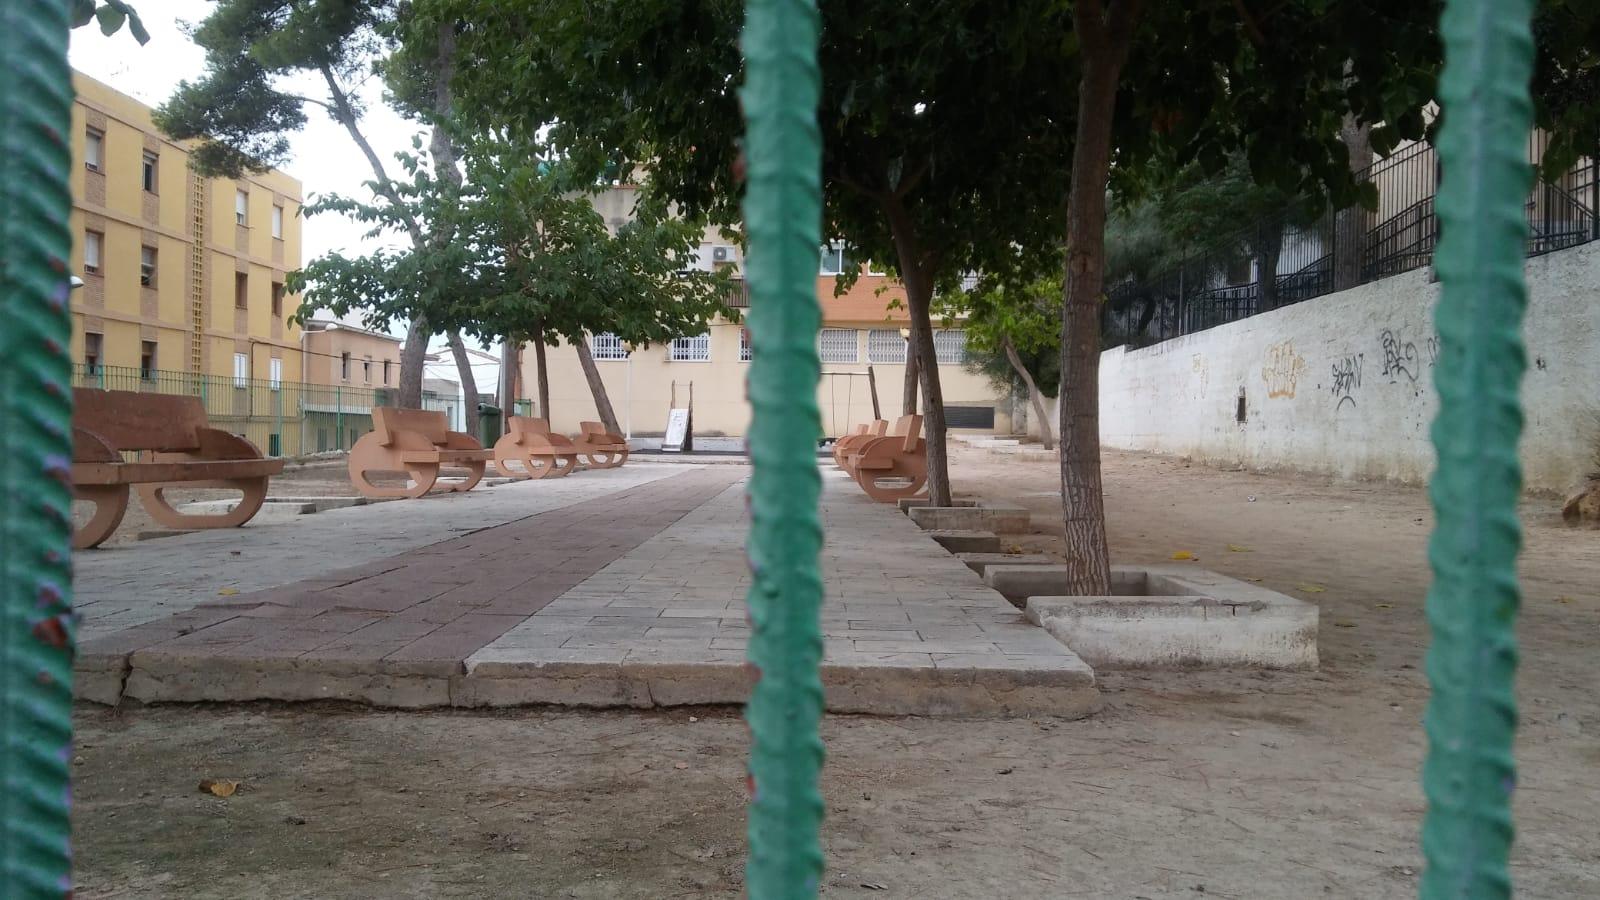 El municipio de la Ribera Alta invertirá los 103.000 euros del plan de Servicios y Obras (SOM) de la Diputació de València en la sustitución del mobiliario y la modernización de sus 6 parques infantiles.